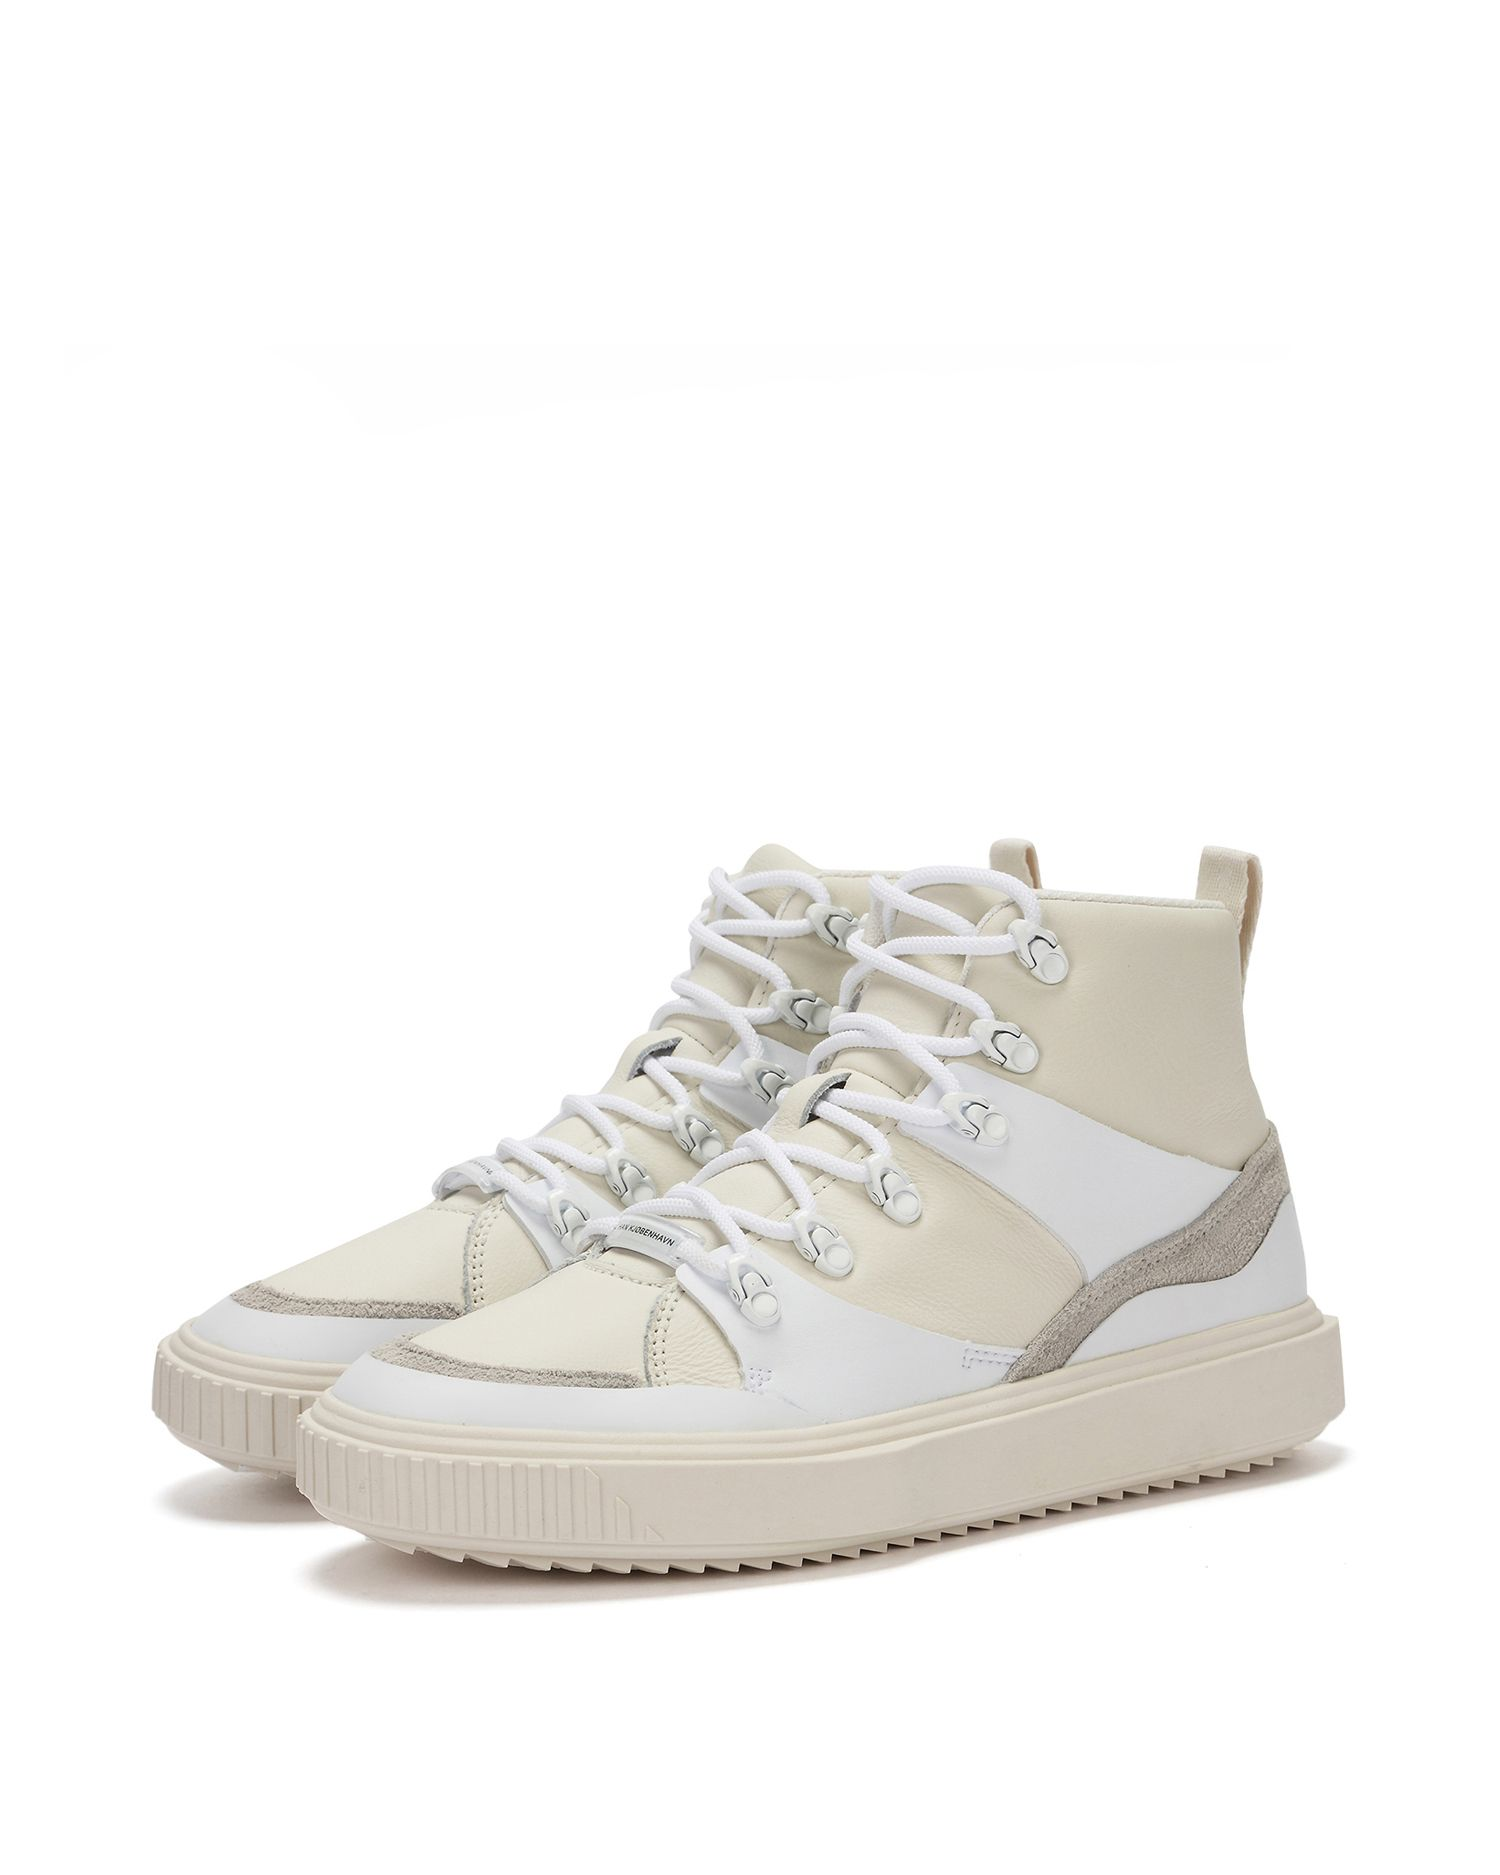 Puma X Han Kjobenhavn Breaker Mid Sneakers Ayakkabilar Kadin Kadin Ayakkabilari